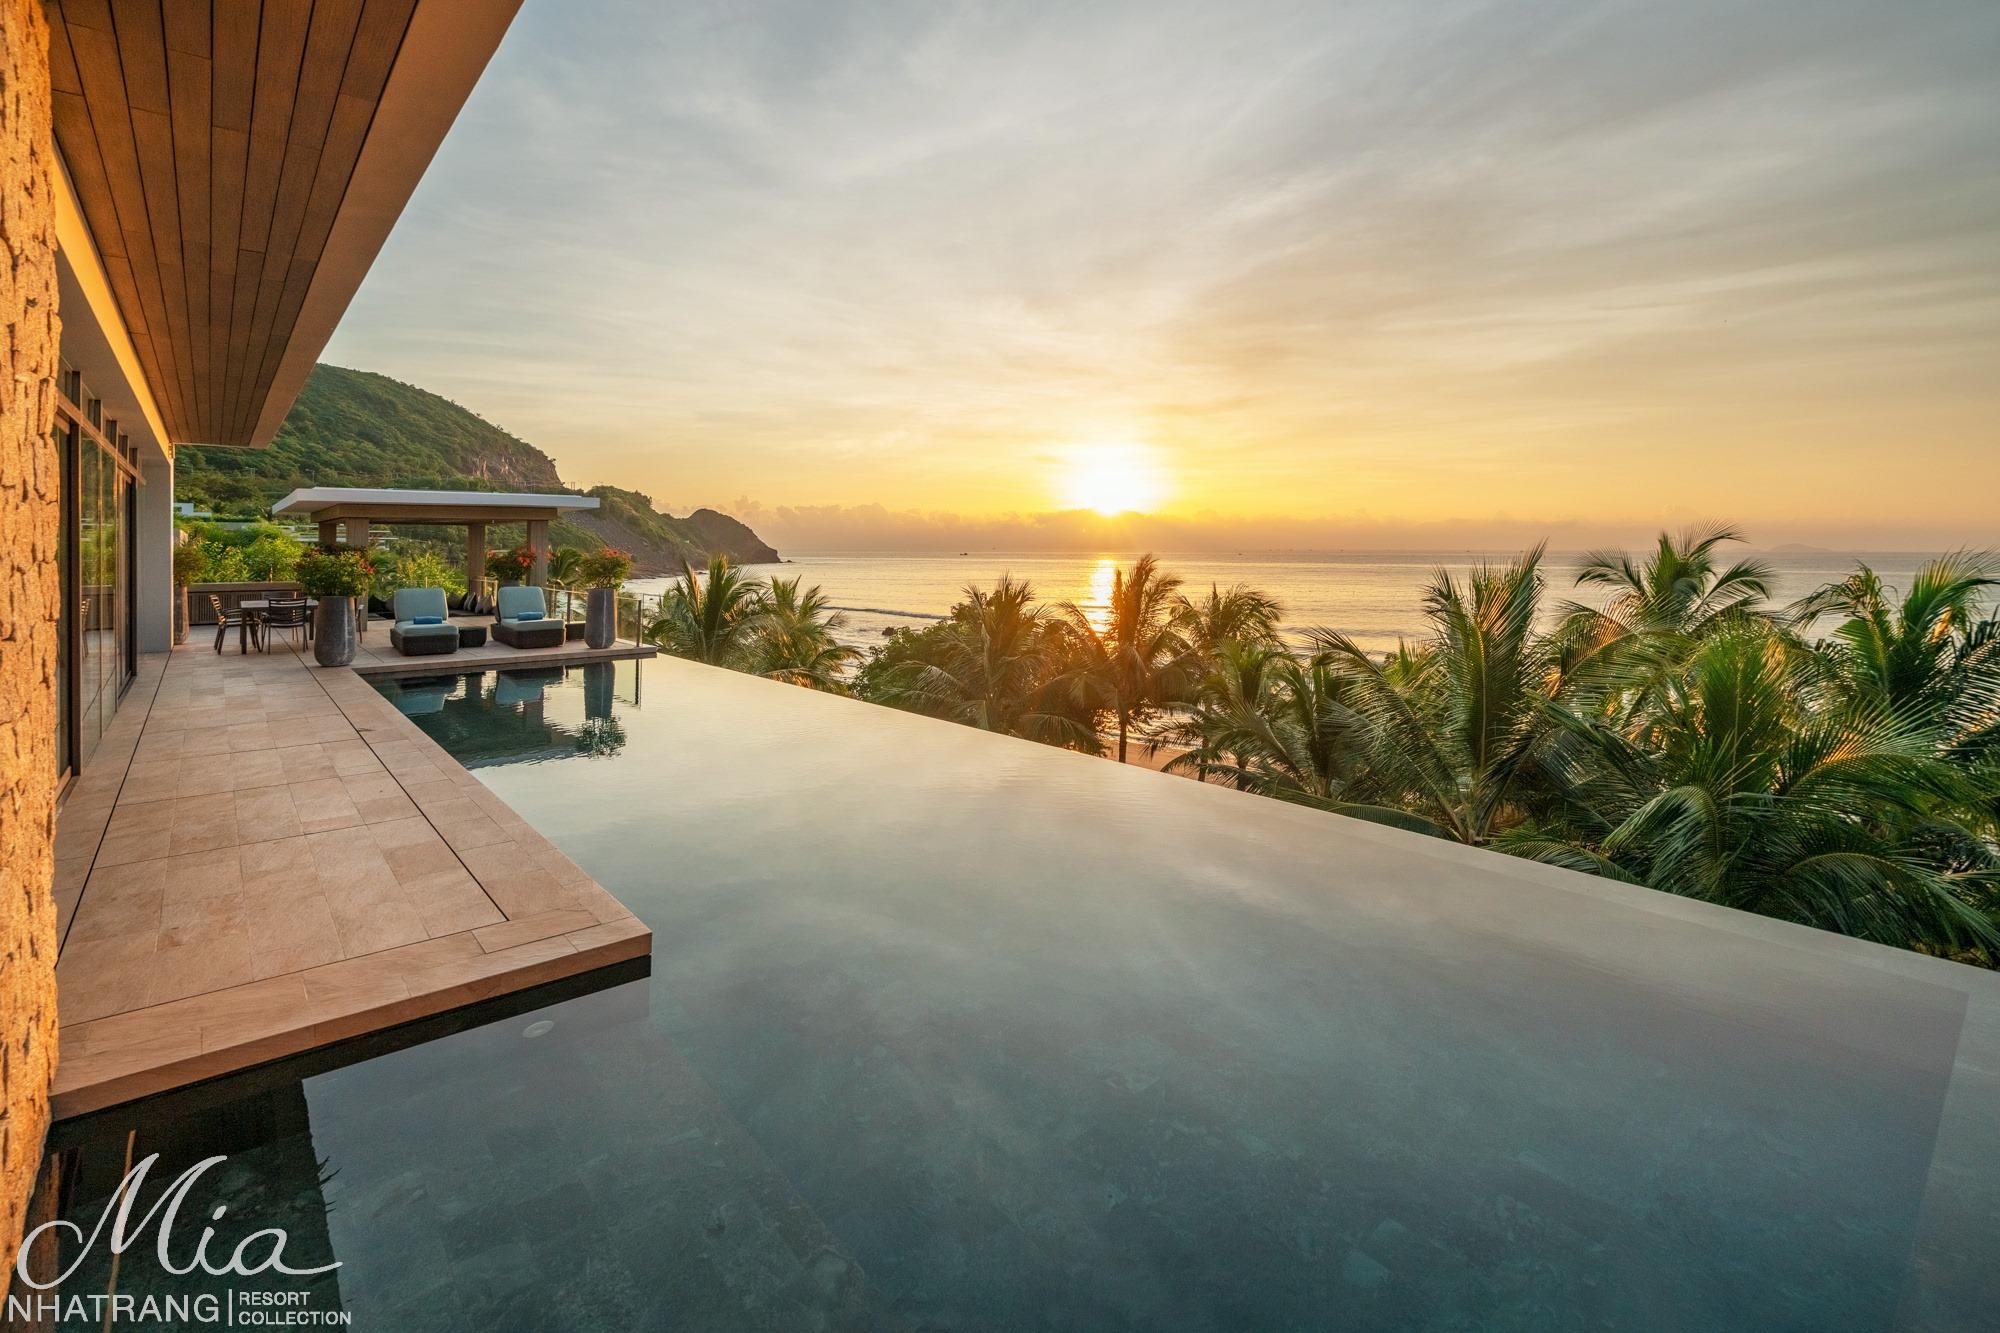 2-Mia Resort Nha Trang